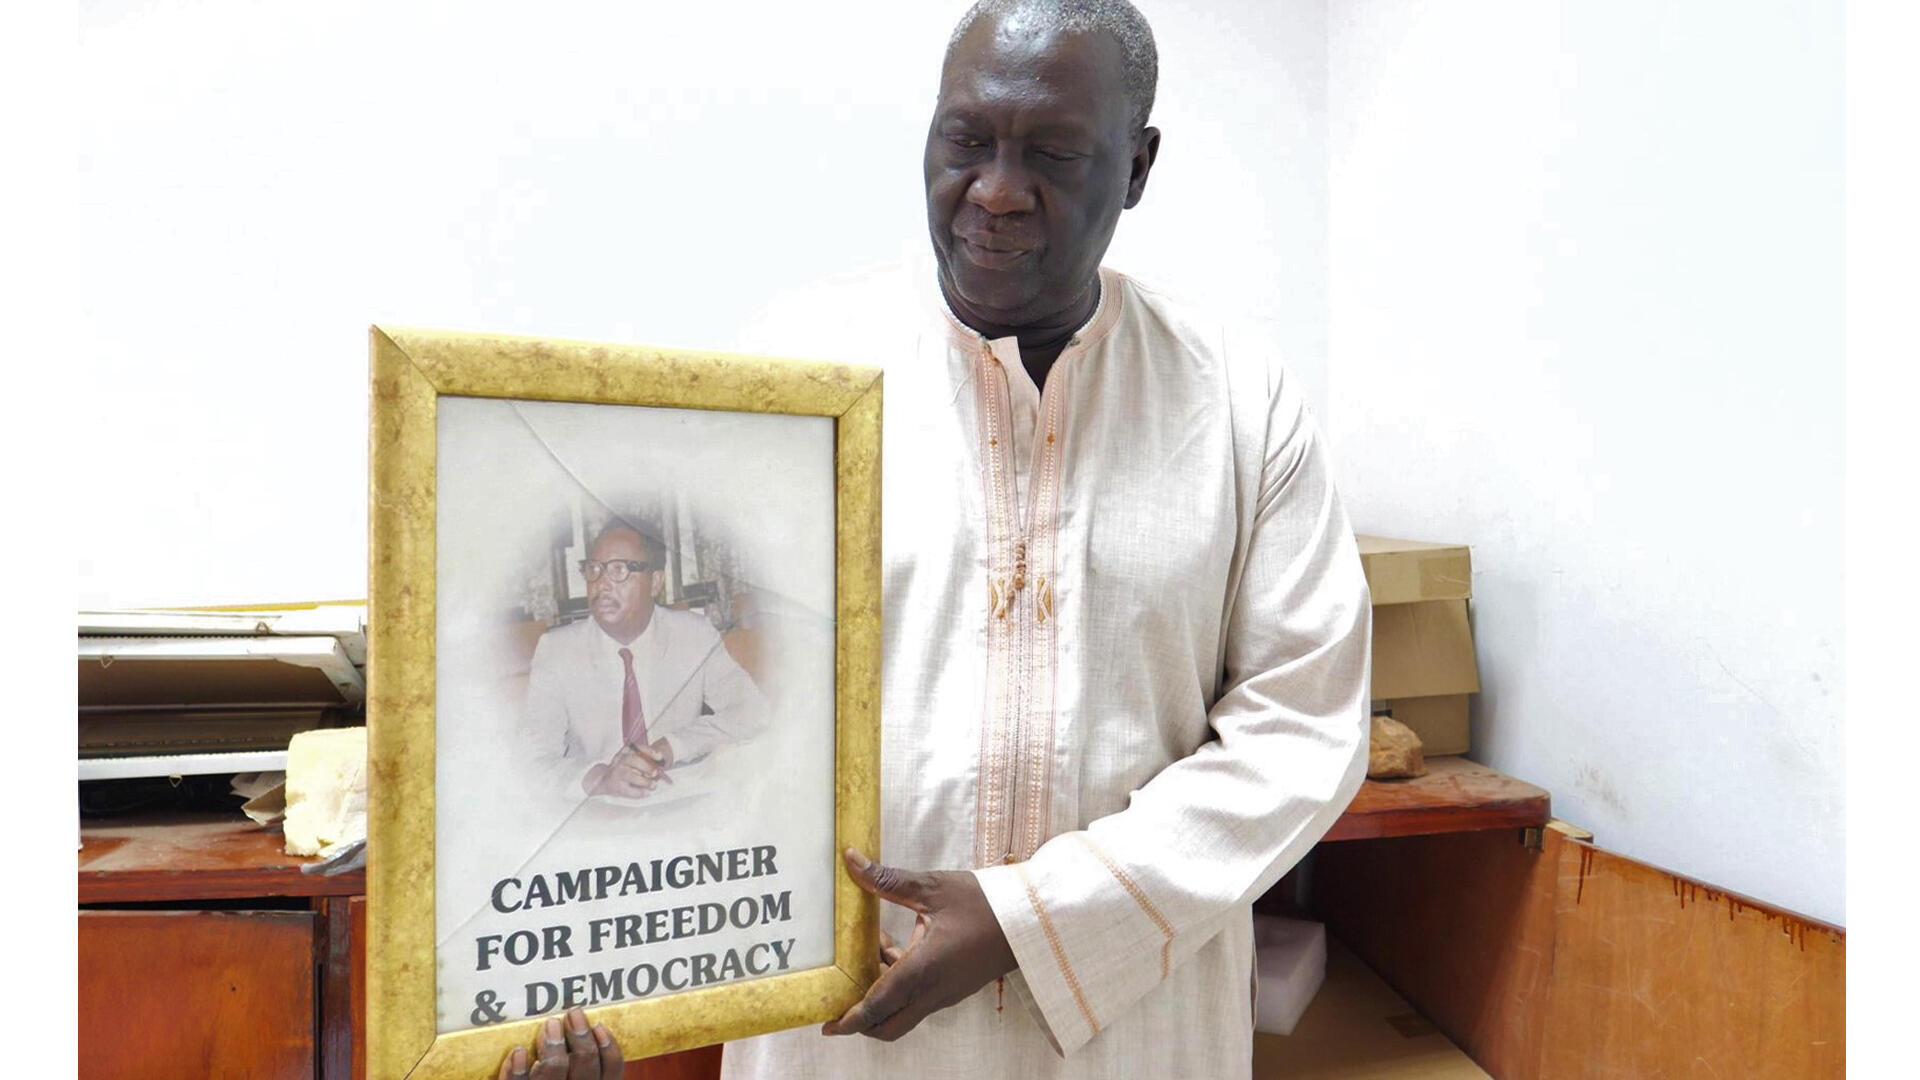 Le journaliste Pap Saine, cofondateur du journal The Point, tenant une photo de son ami Deyda Hydara, dans les locaux du journal The Point (photo prise le 23 juillet 2019).